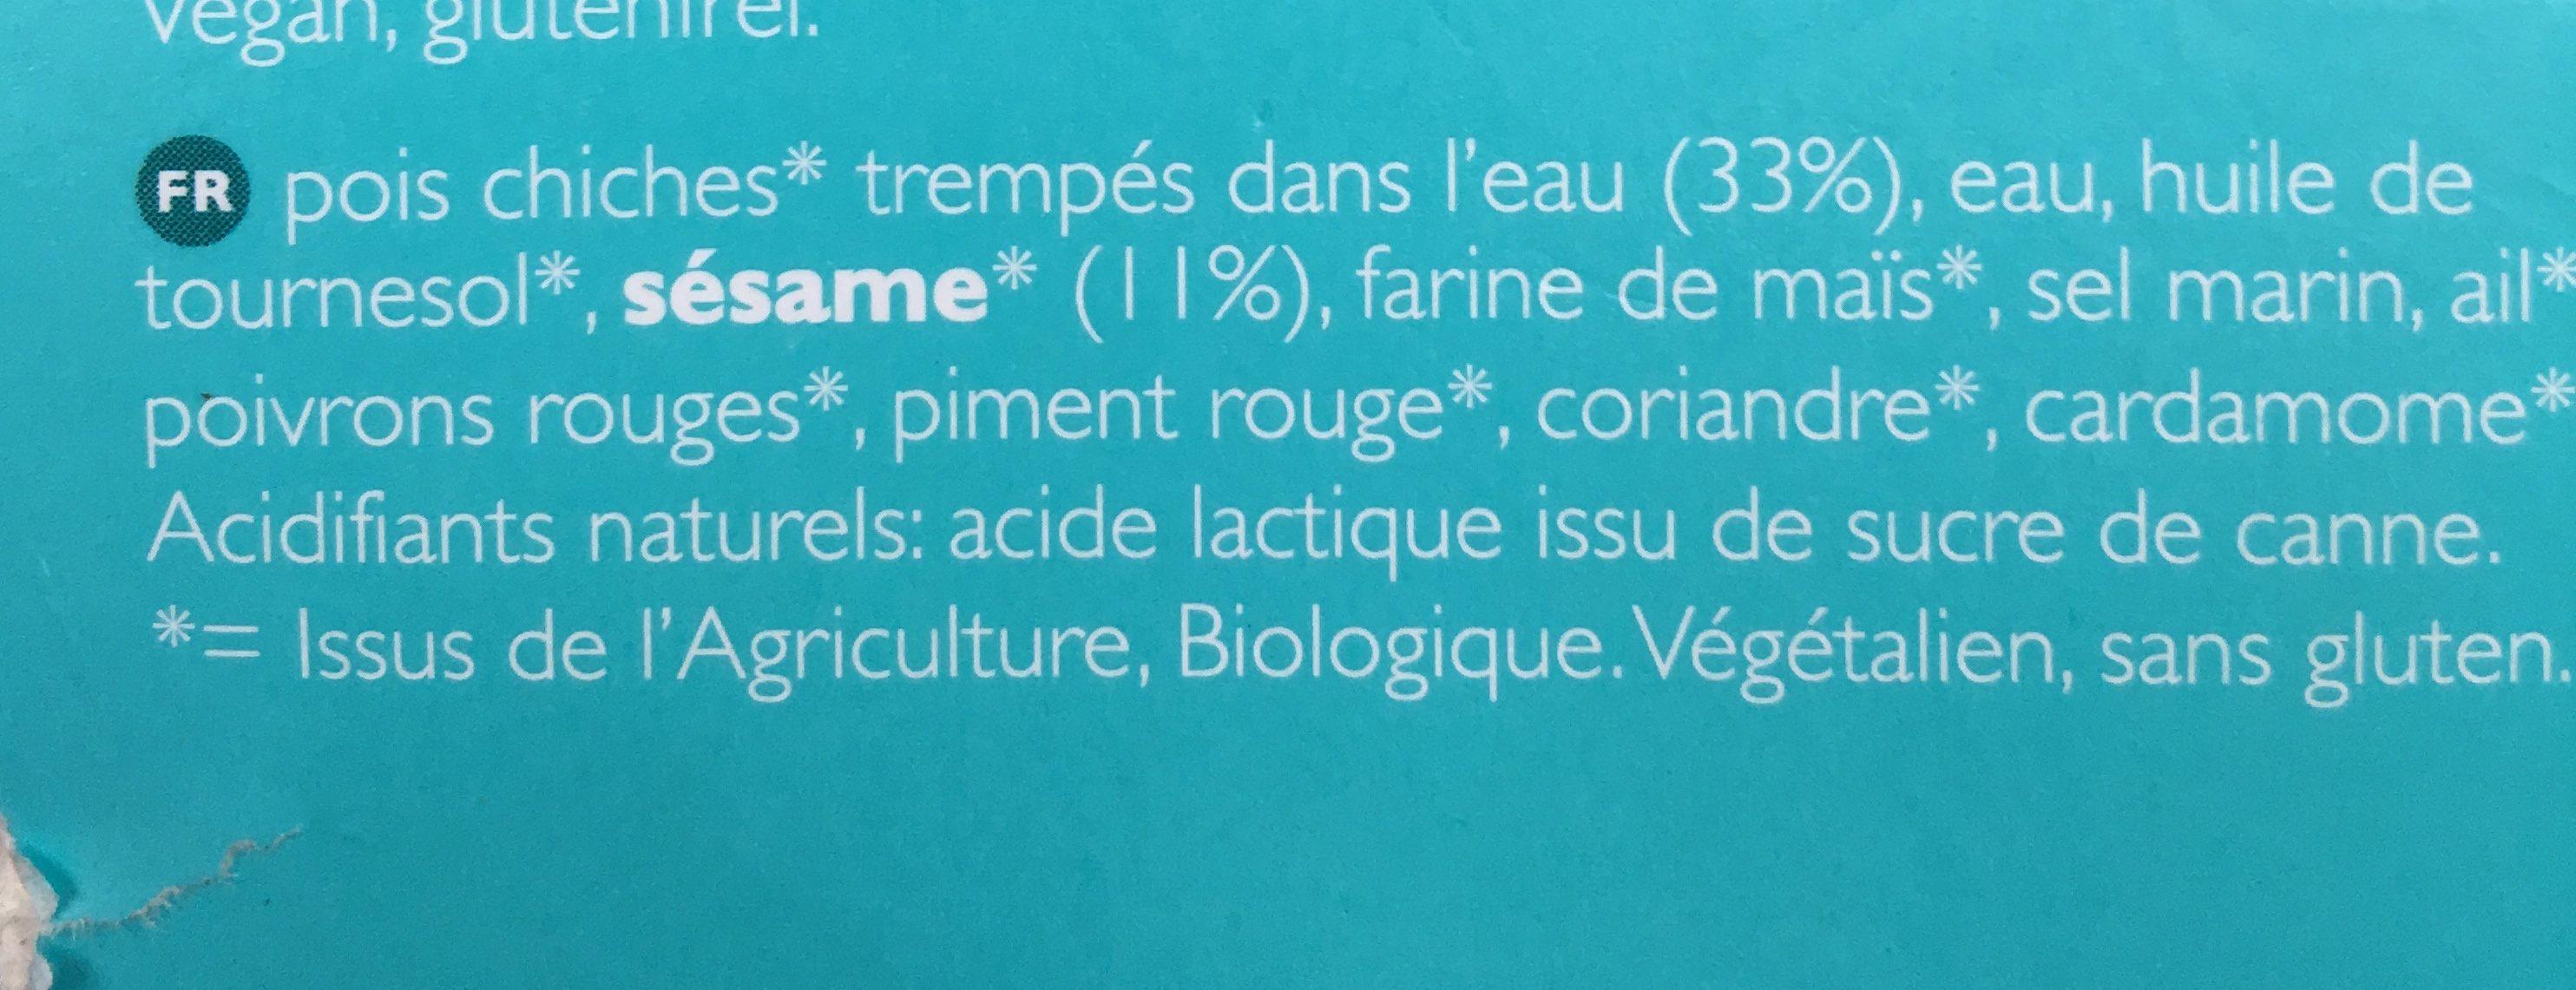 Houmous Libanais - Ingrediënten - fr